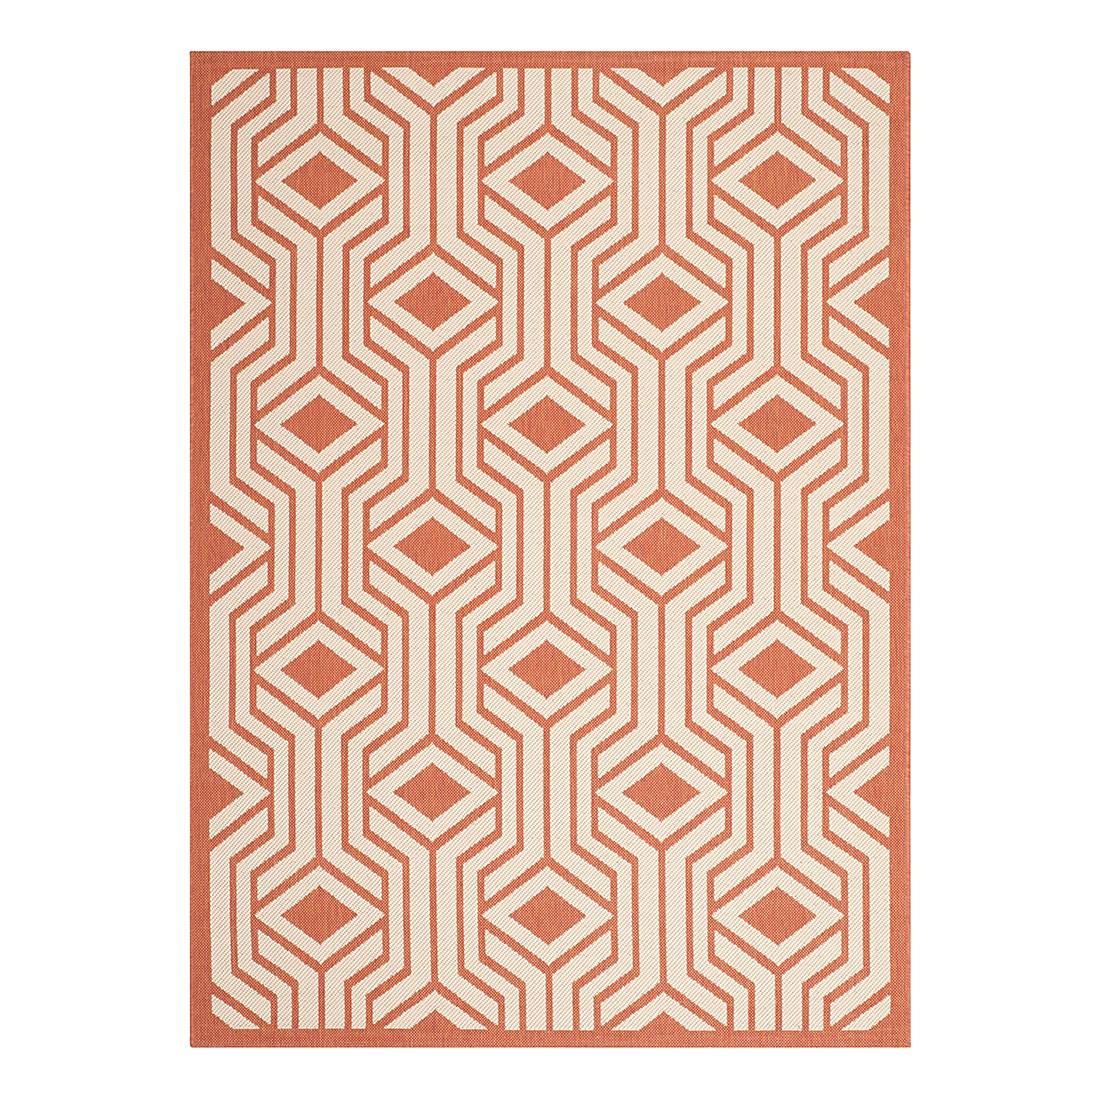 In-/Outdoorteppich Samos – Beige/Terracotta – Maße: 60 x 109 cm, Safavieh online bestellen